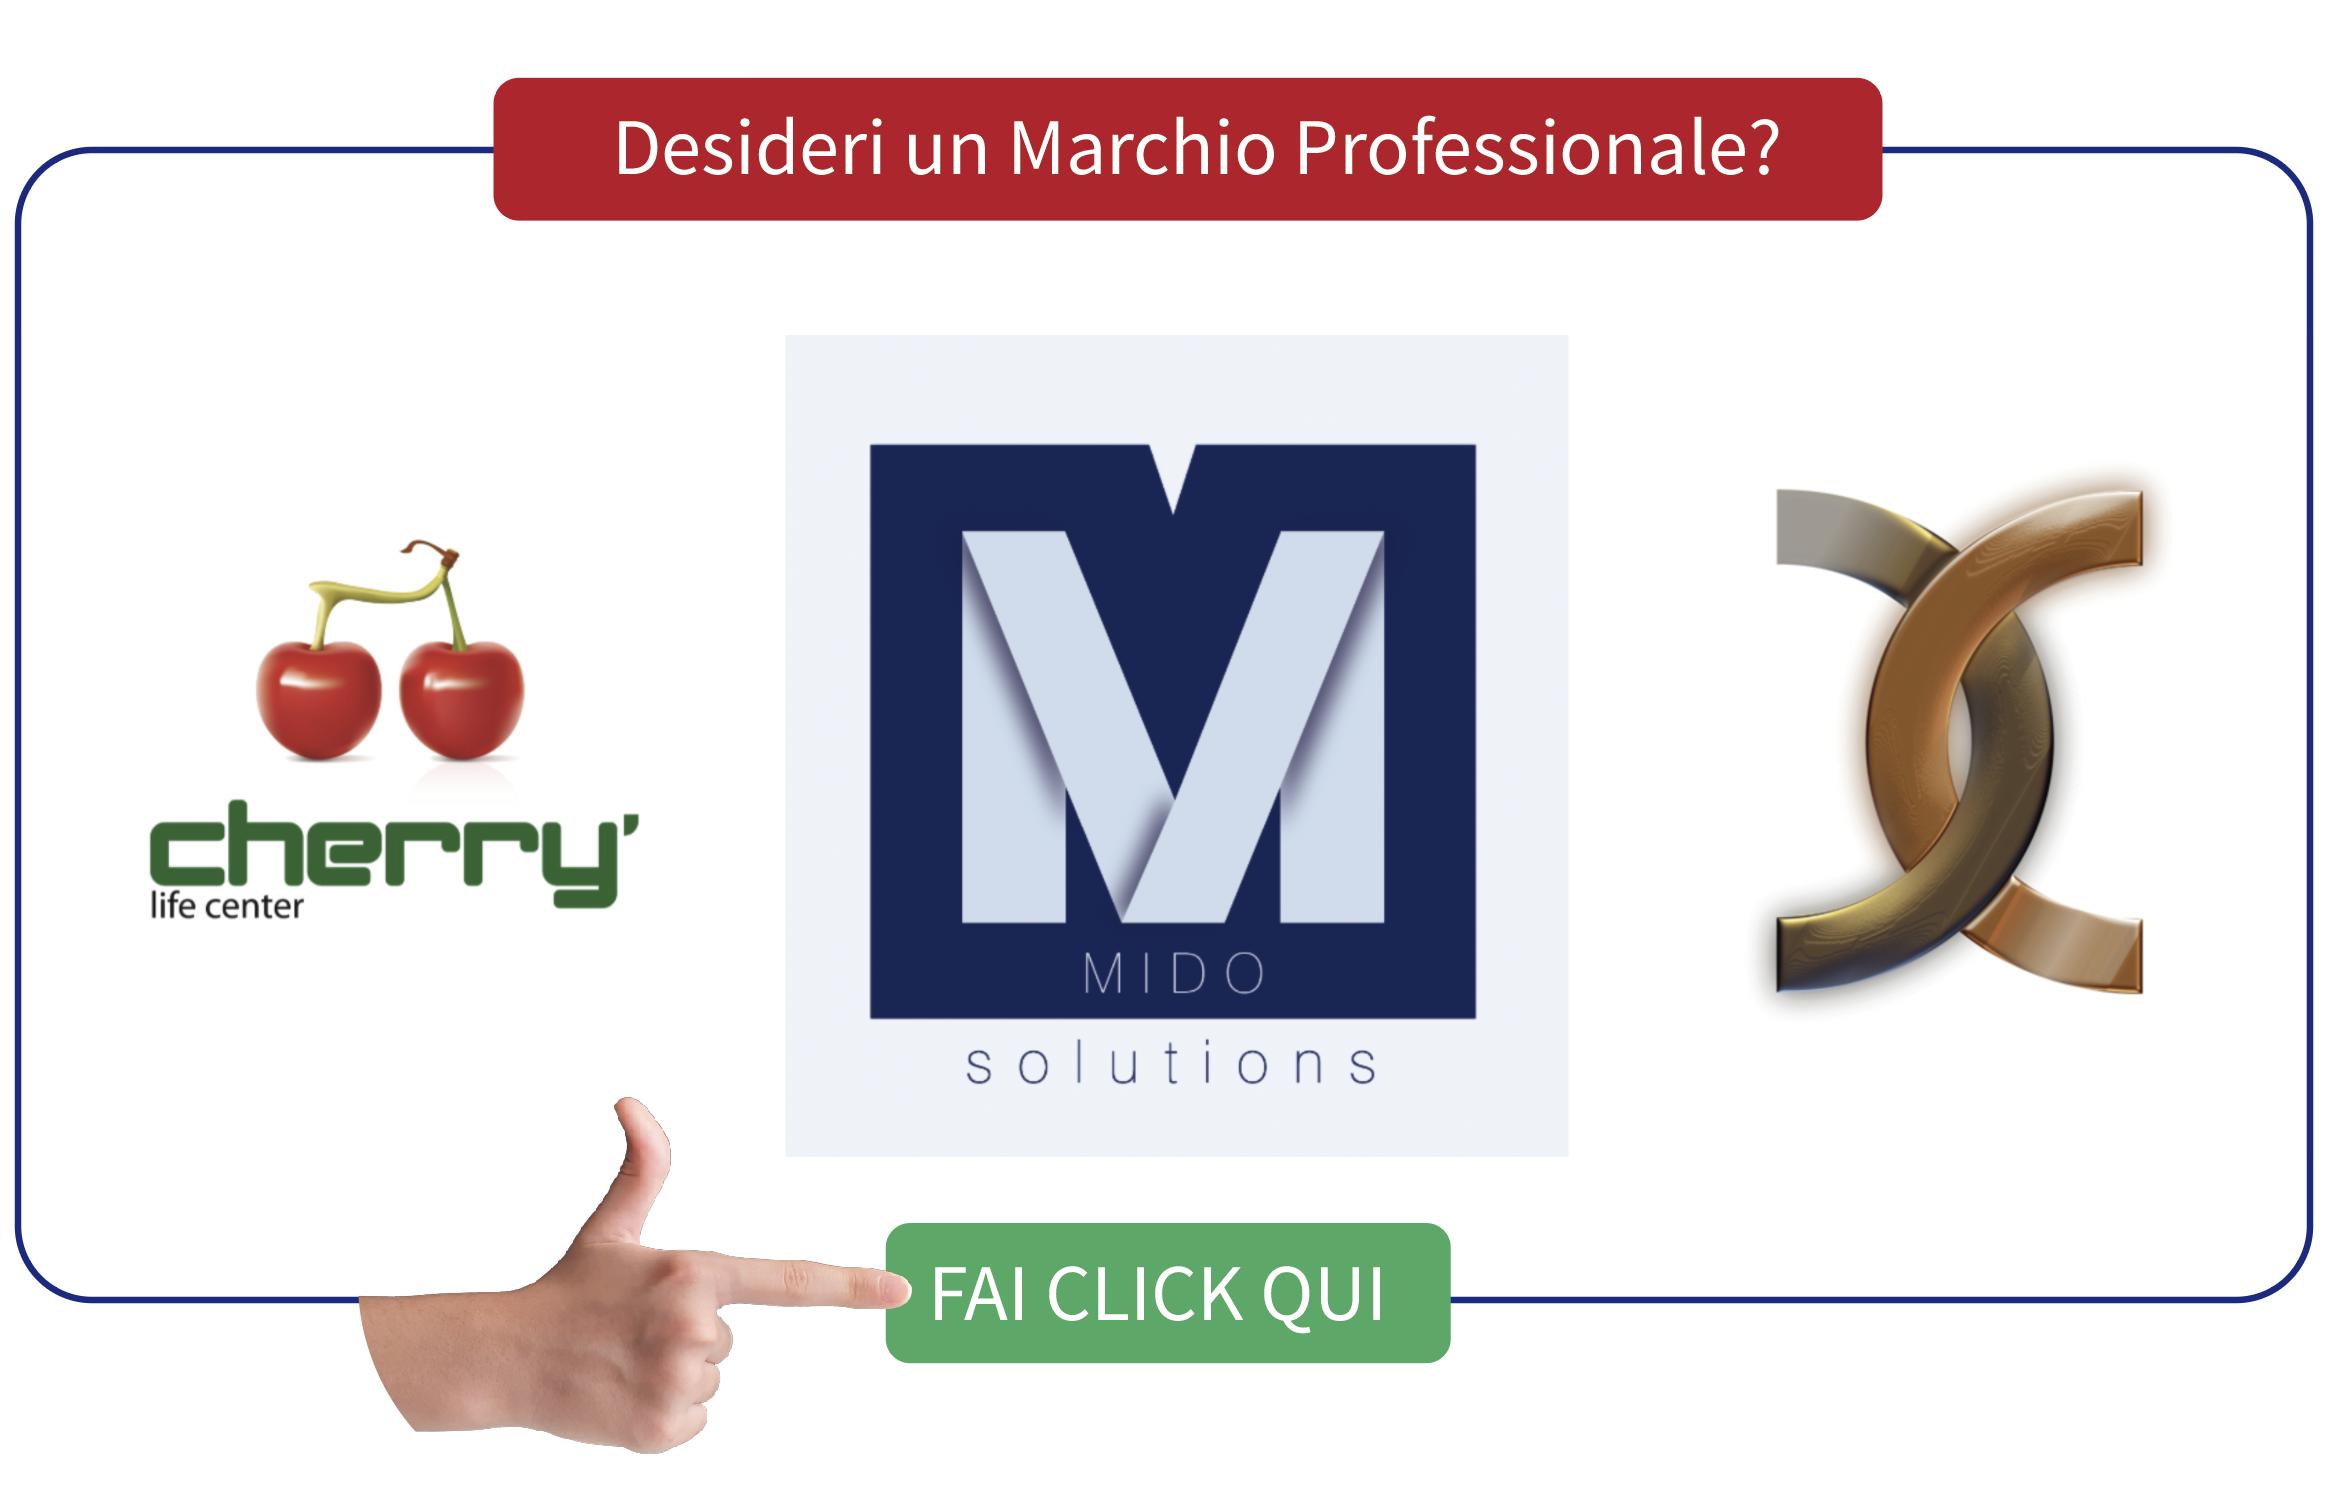 MARCHIO PROFESSIONALE